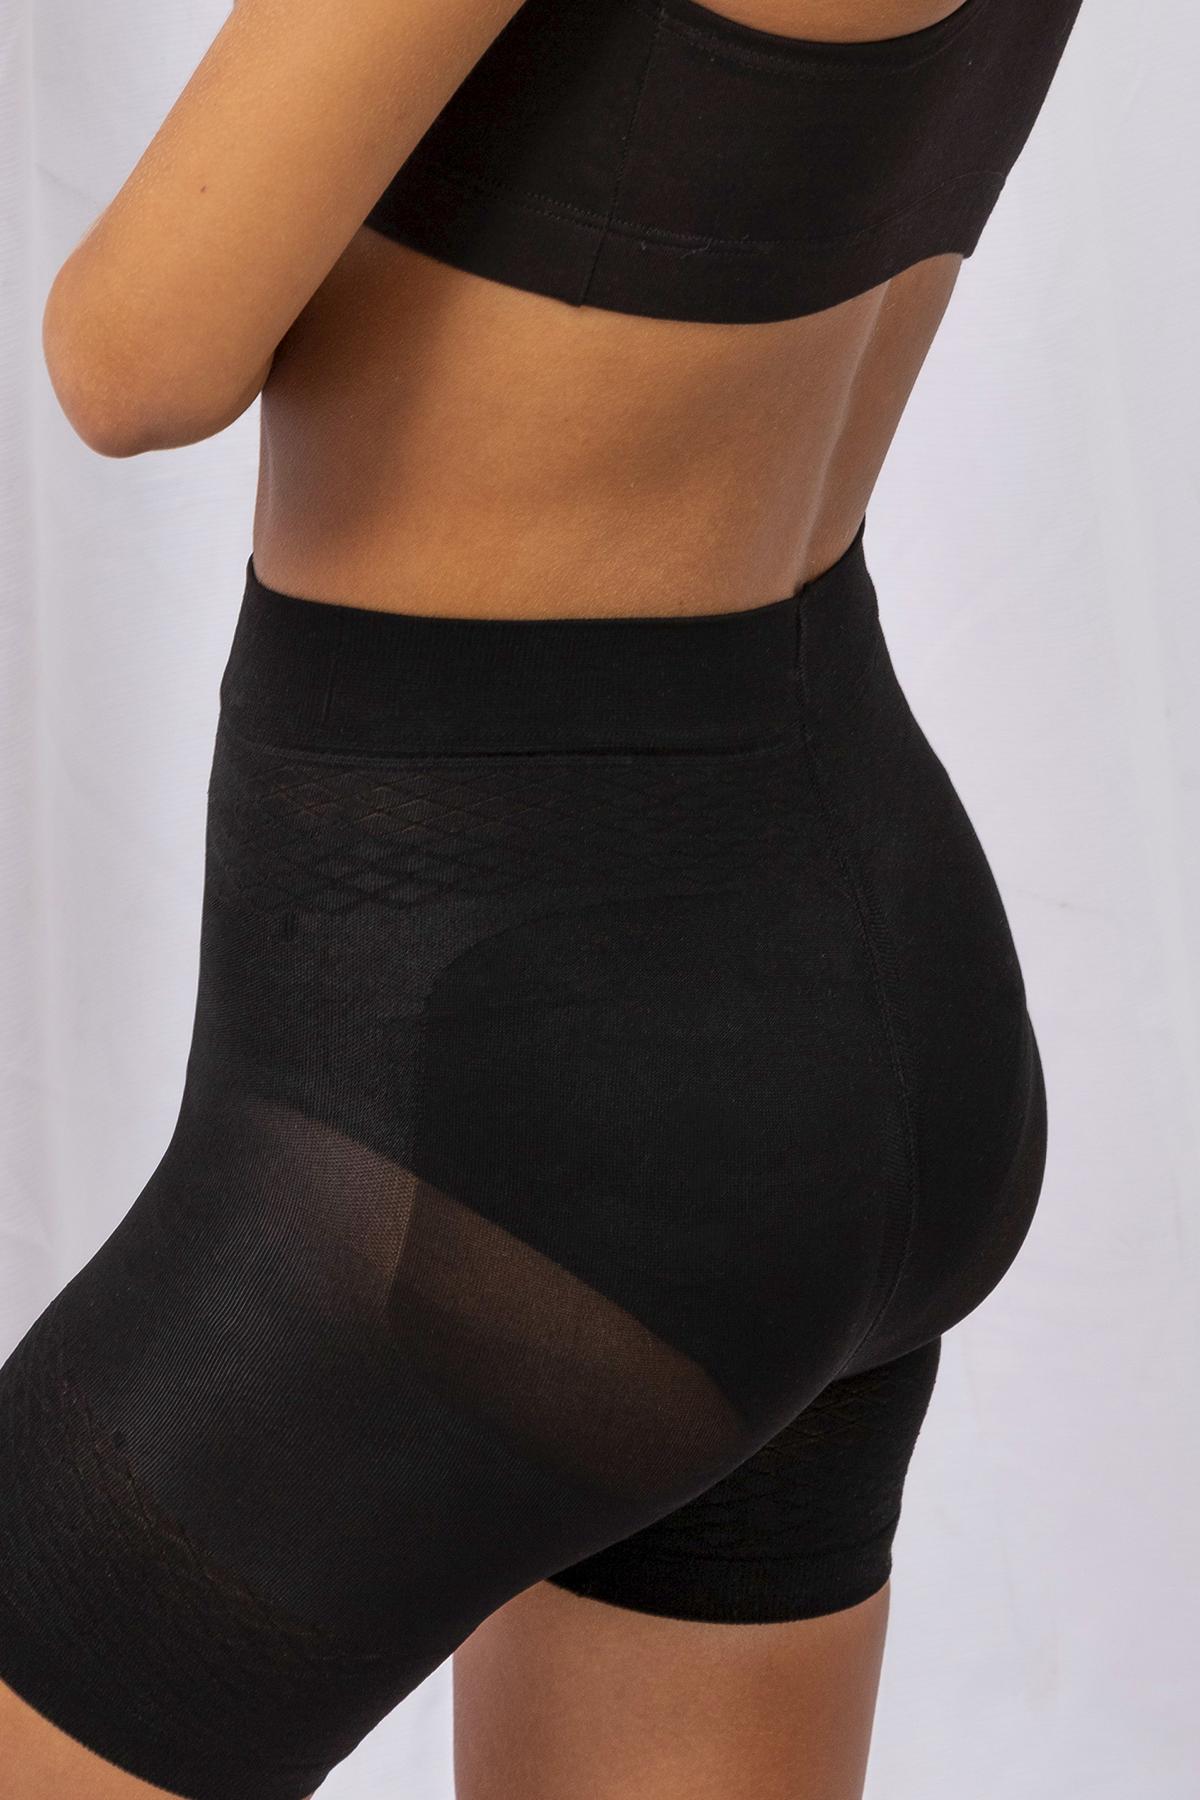 Reduce una talla  asentua la cintura,contrae el abdomen  rrealza gluteos ,afina los muslos  rombo anatomico de algodon  costura plana  80 & poliamida, 20% poliastano